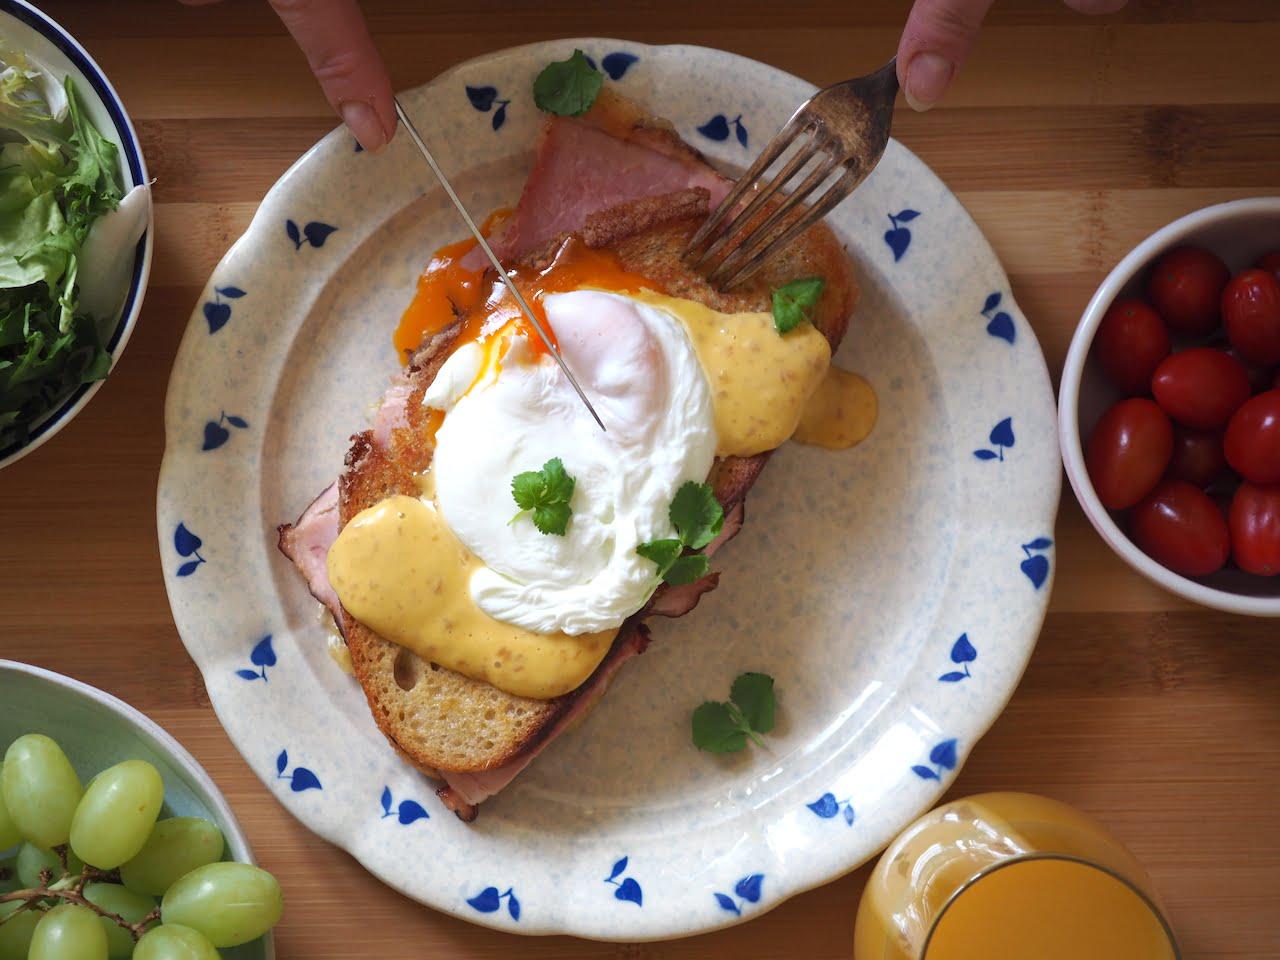 śniadanie idealne